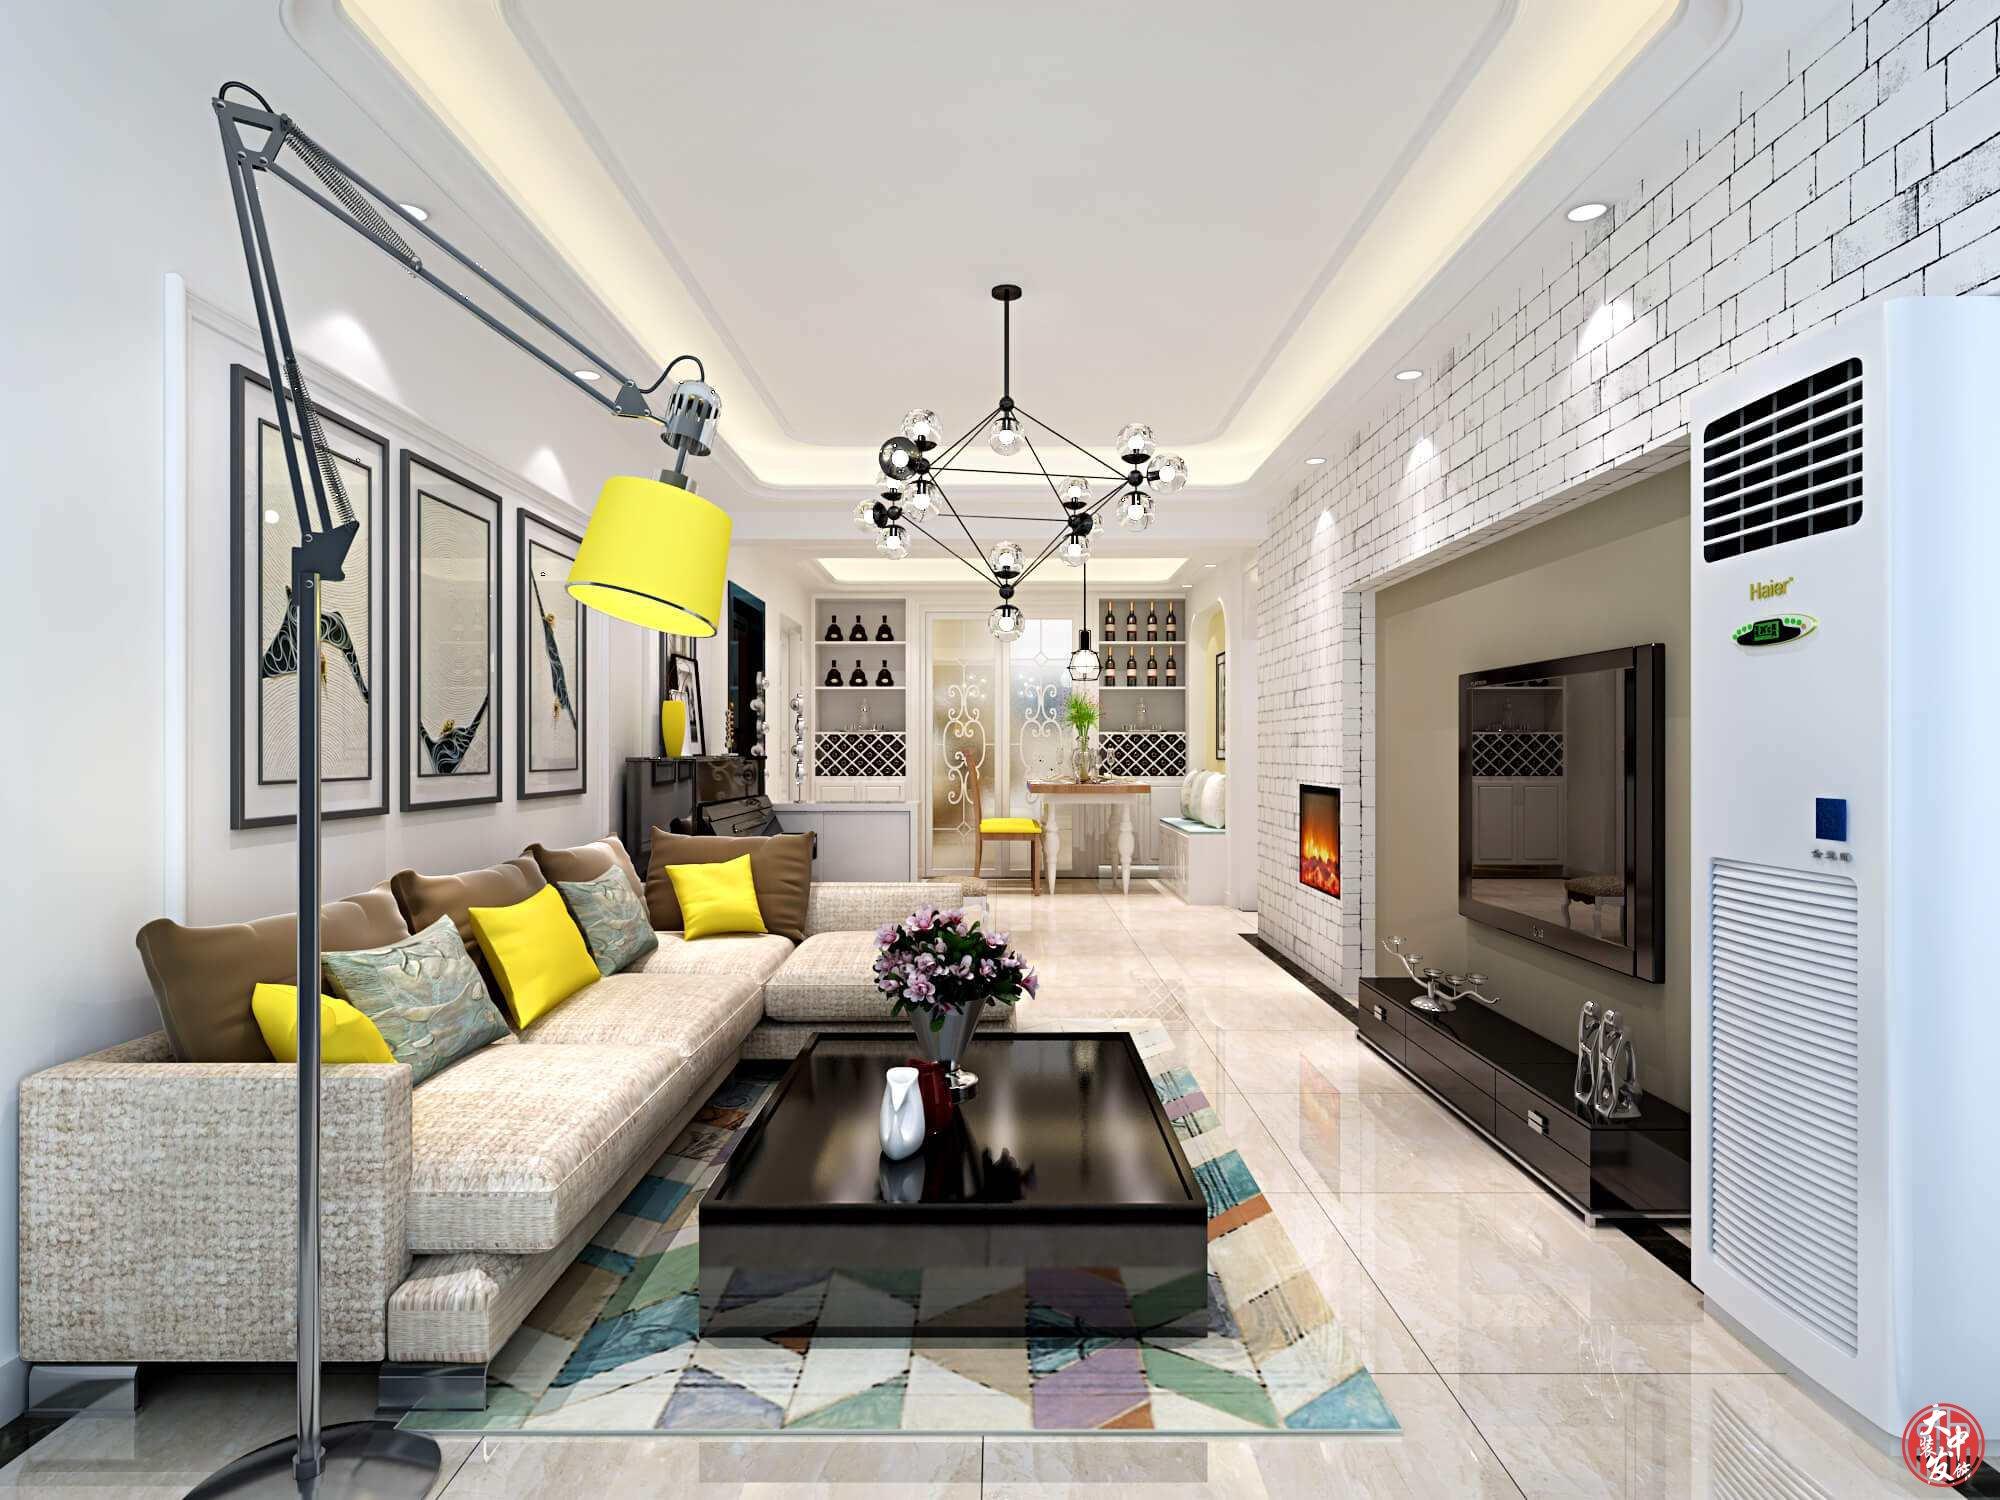 欧式双层豪华房子图片